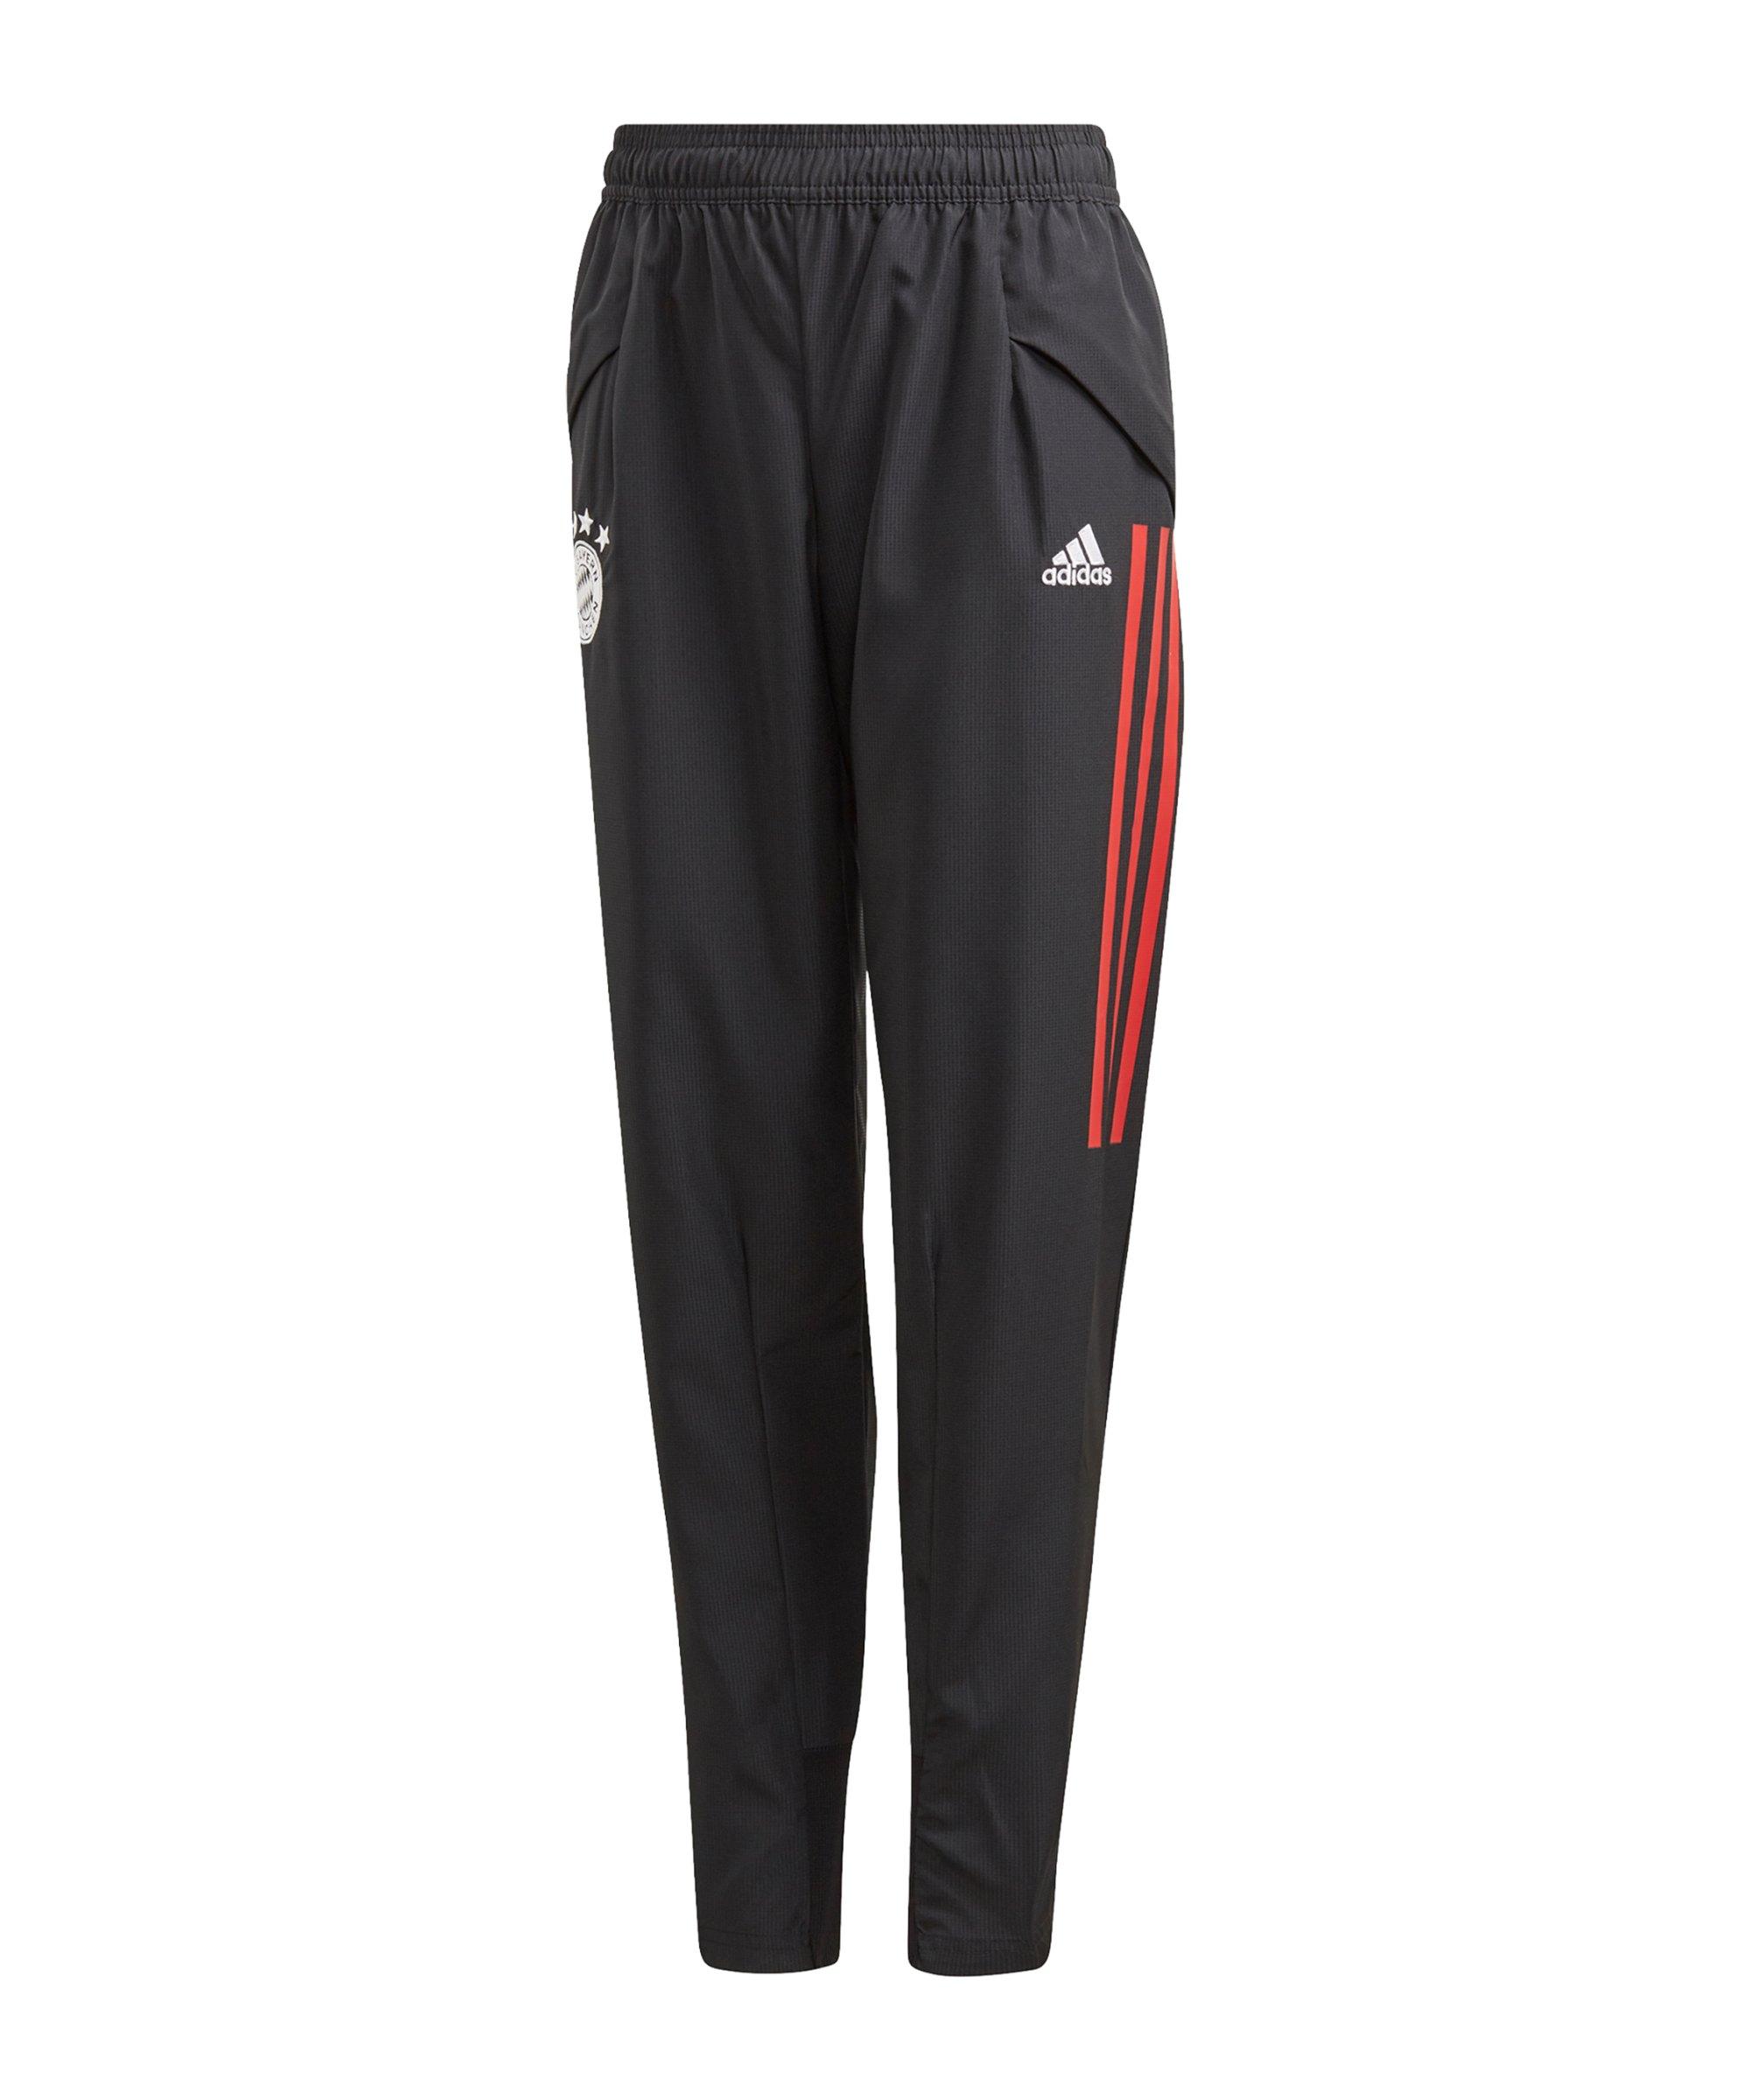 adidas FC Bayern München Präsentationshose Kids - schwarz